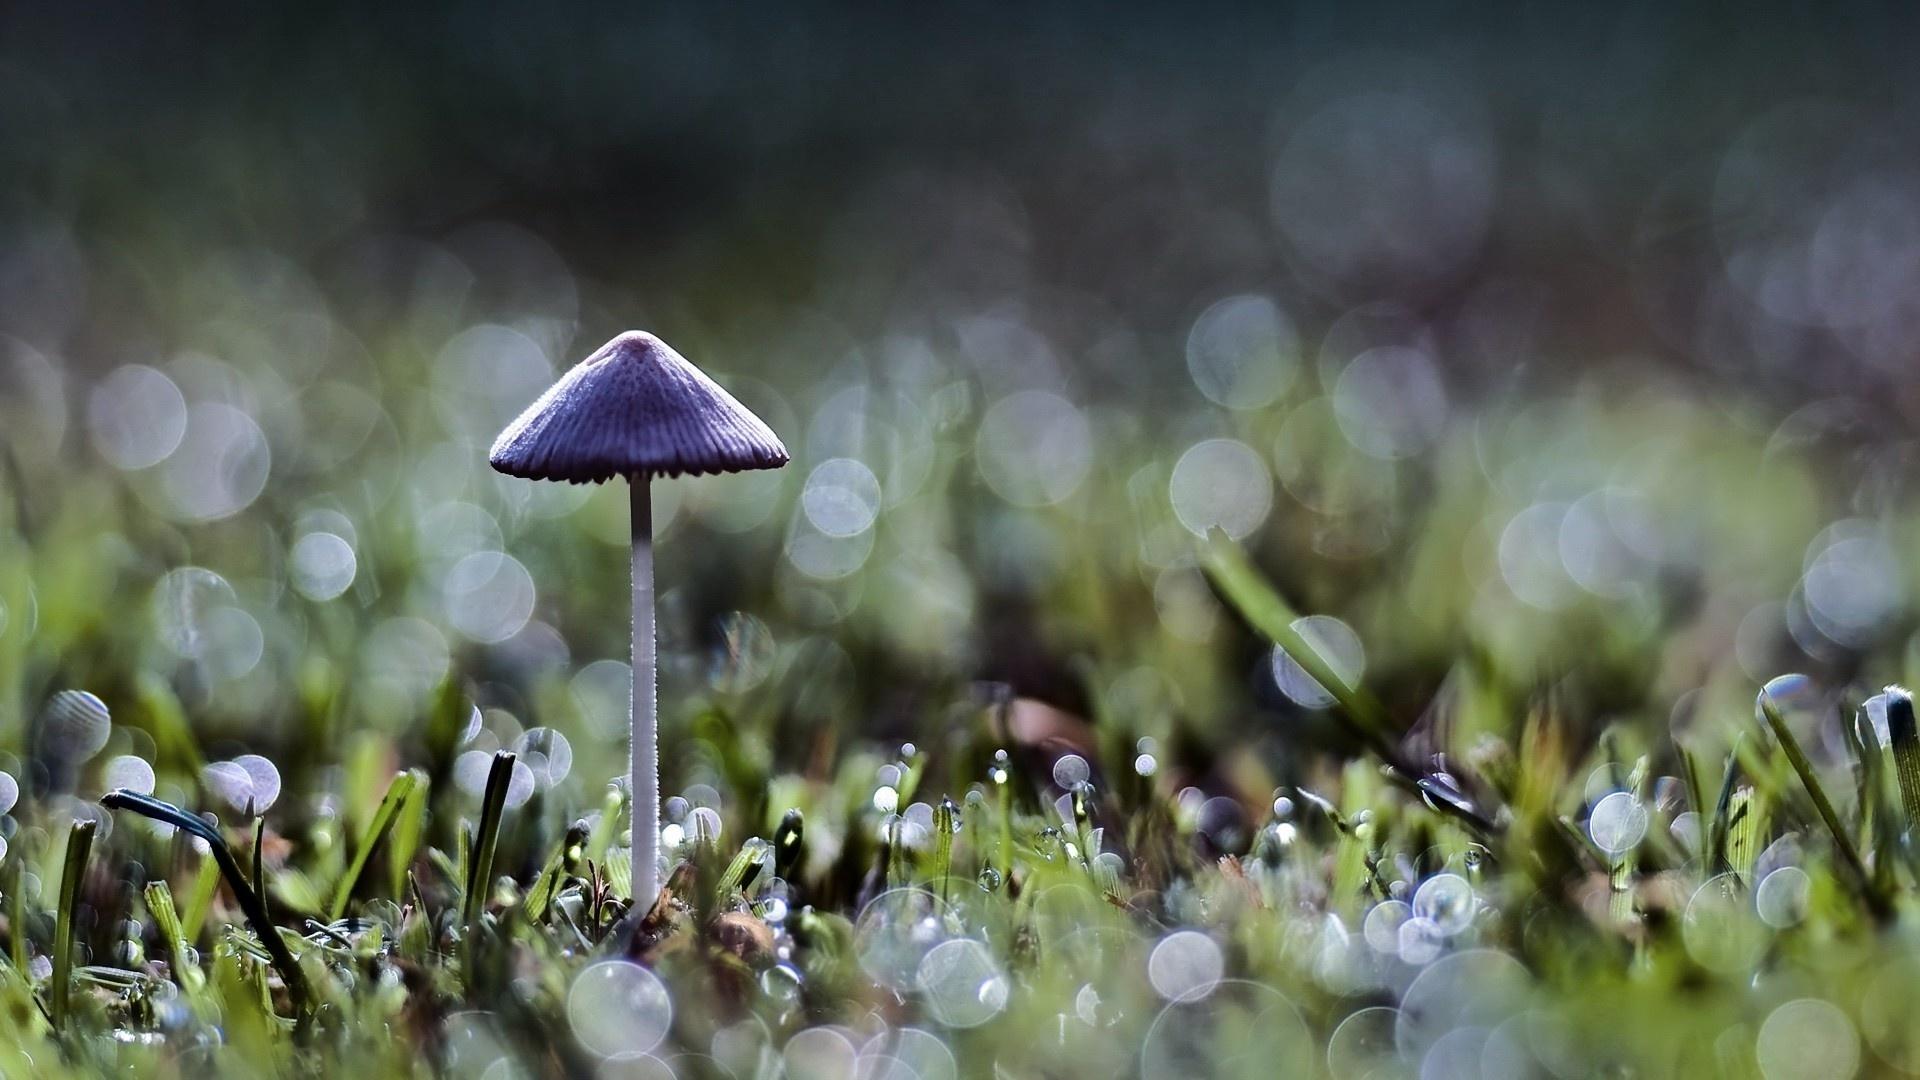 Macro Mushrooms cool wallpaper